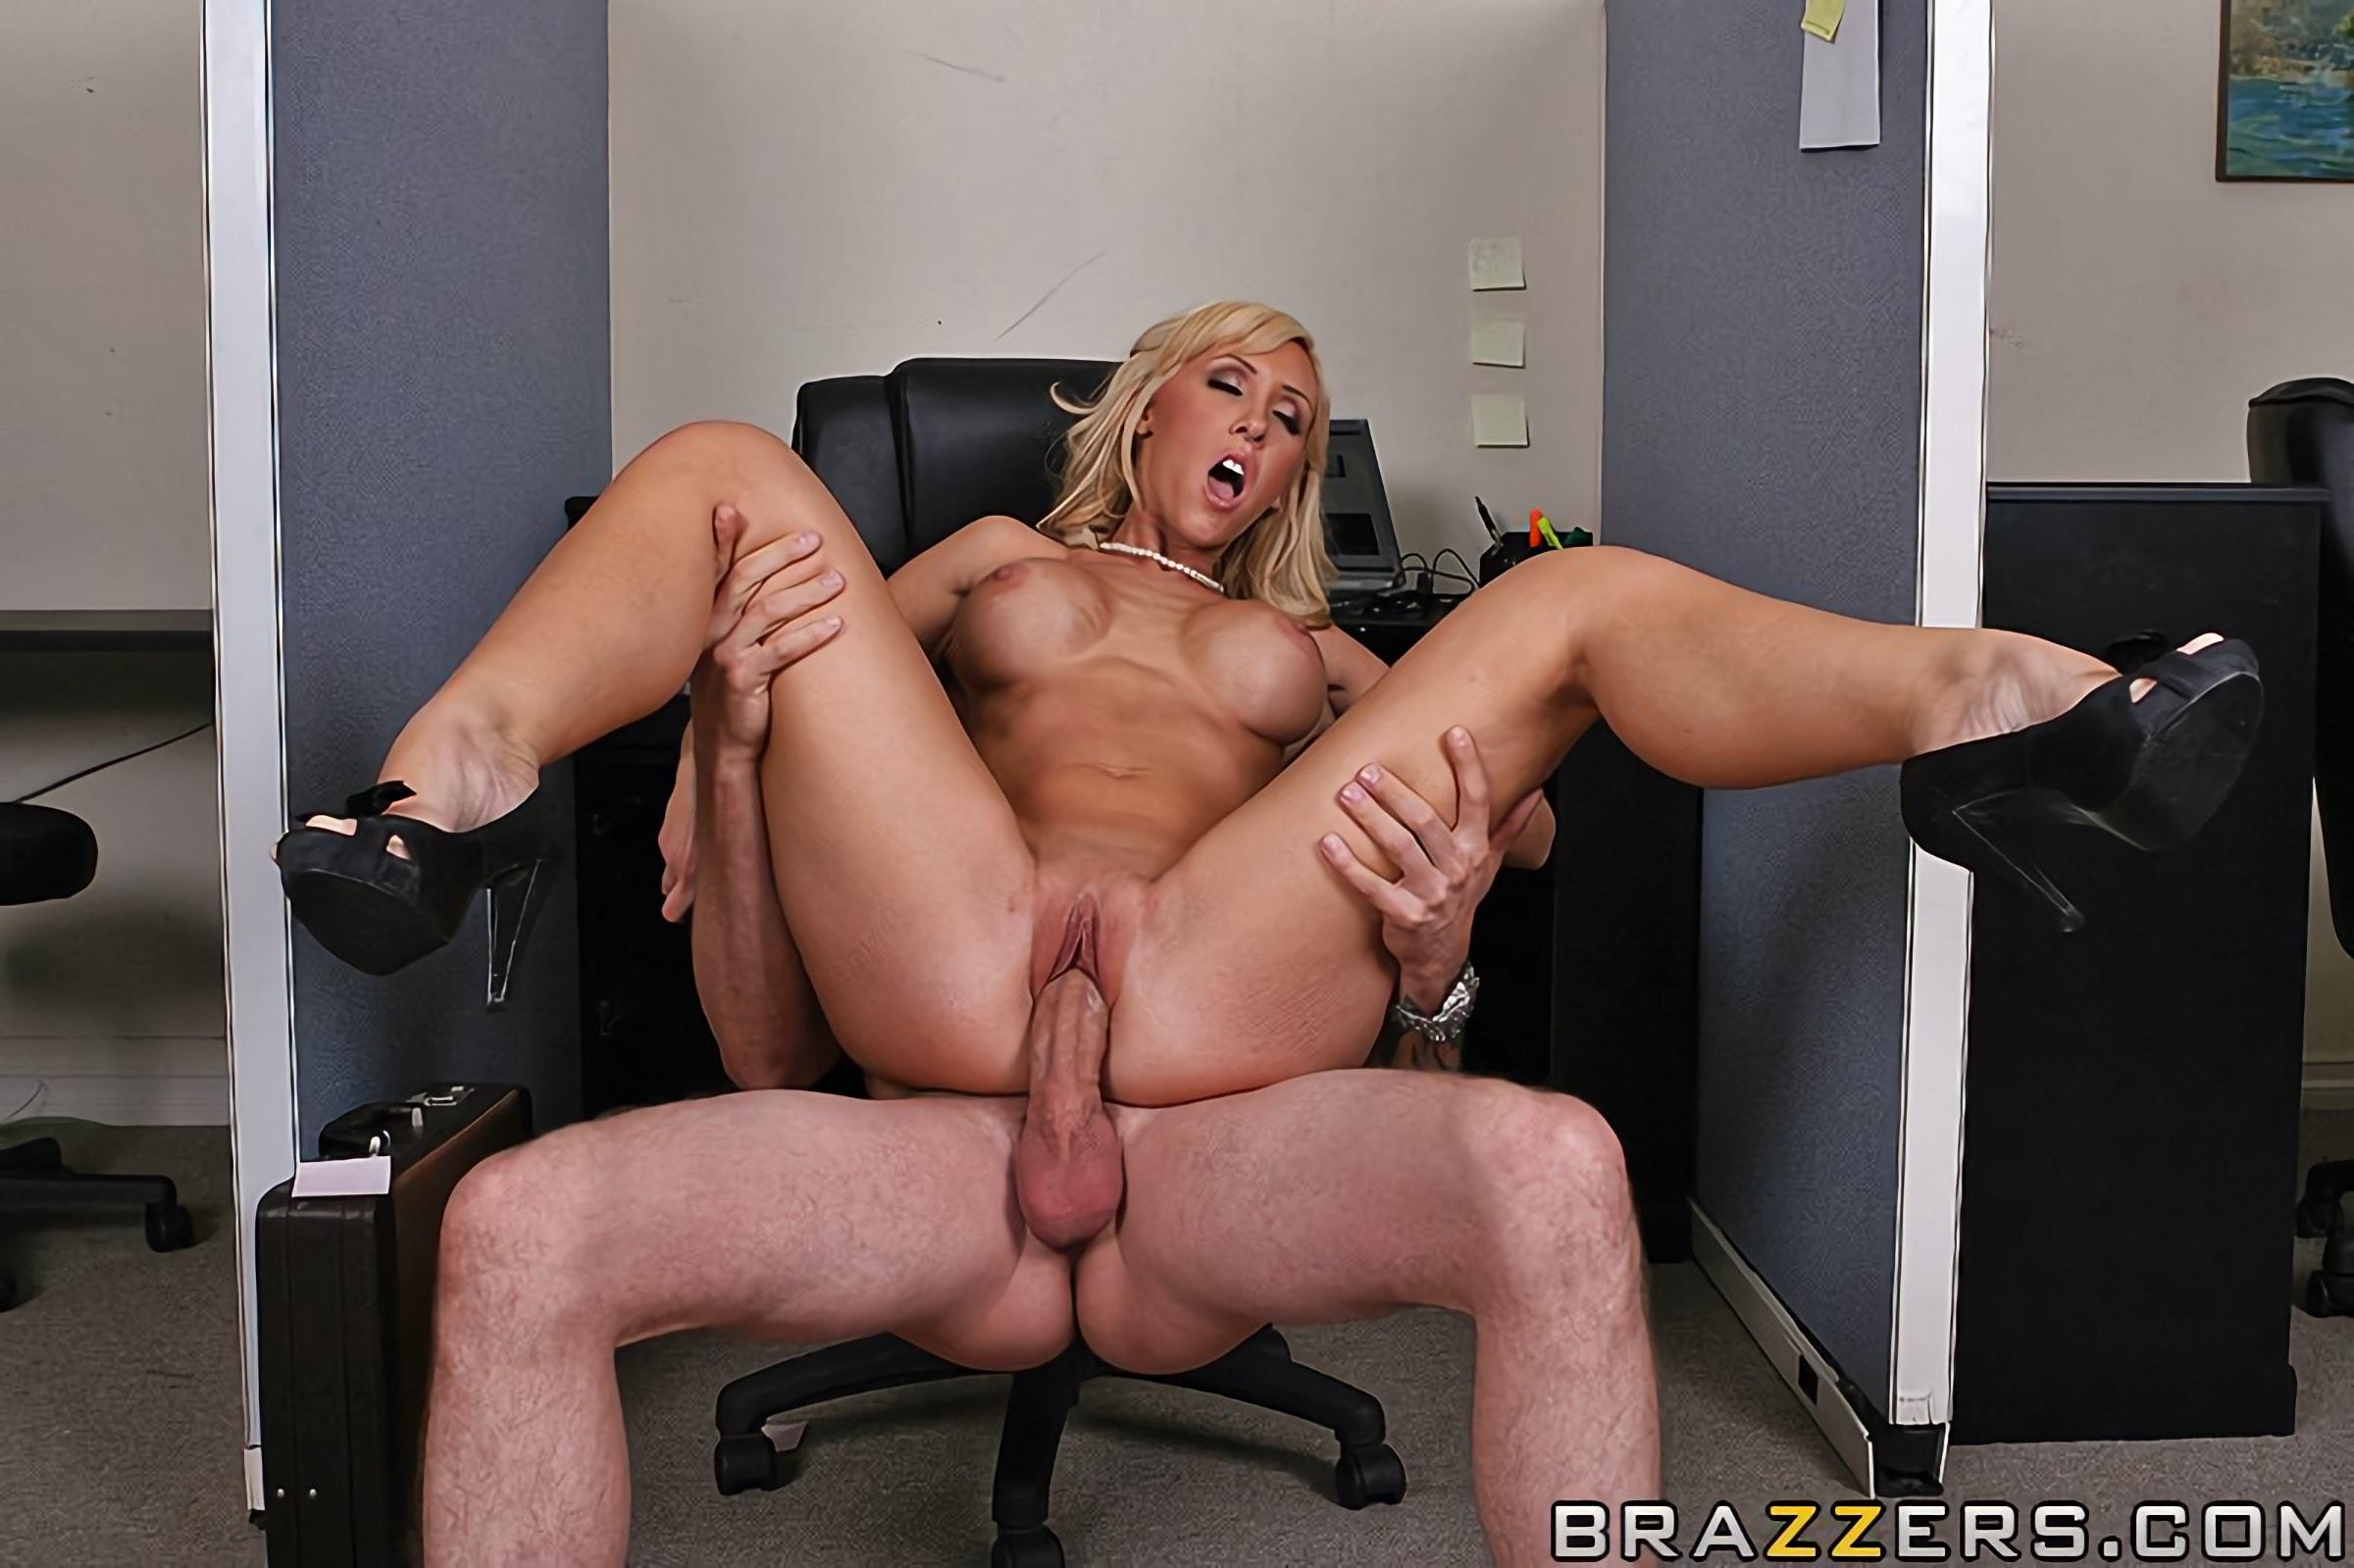 Негры трансы джессика линн порно в офисе